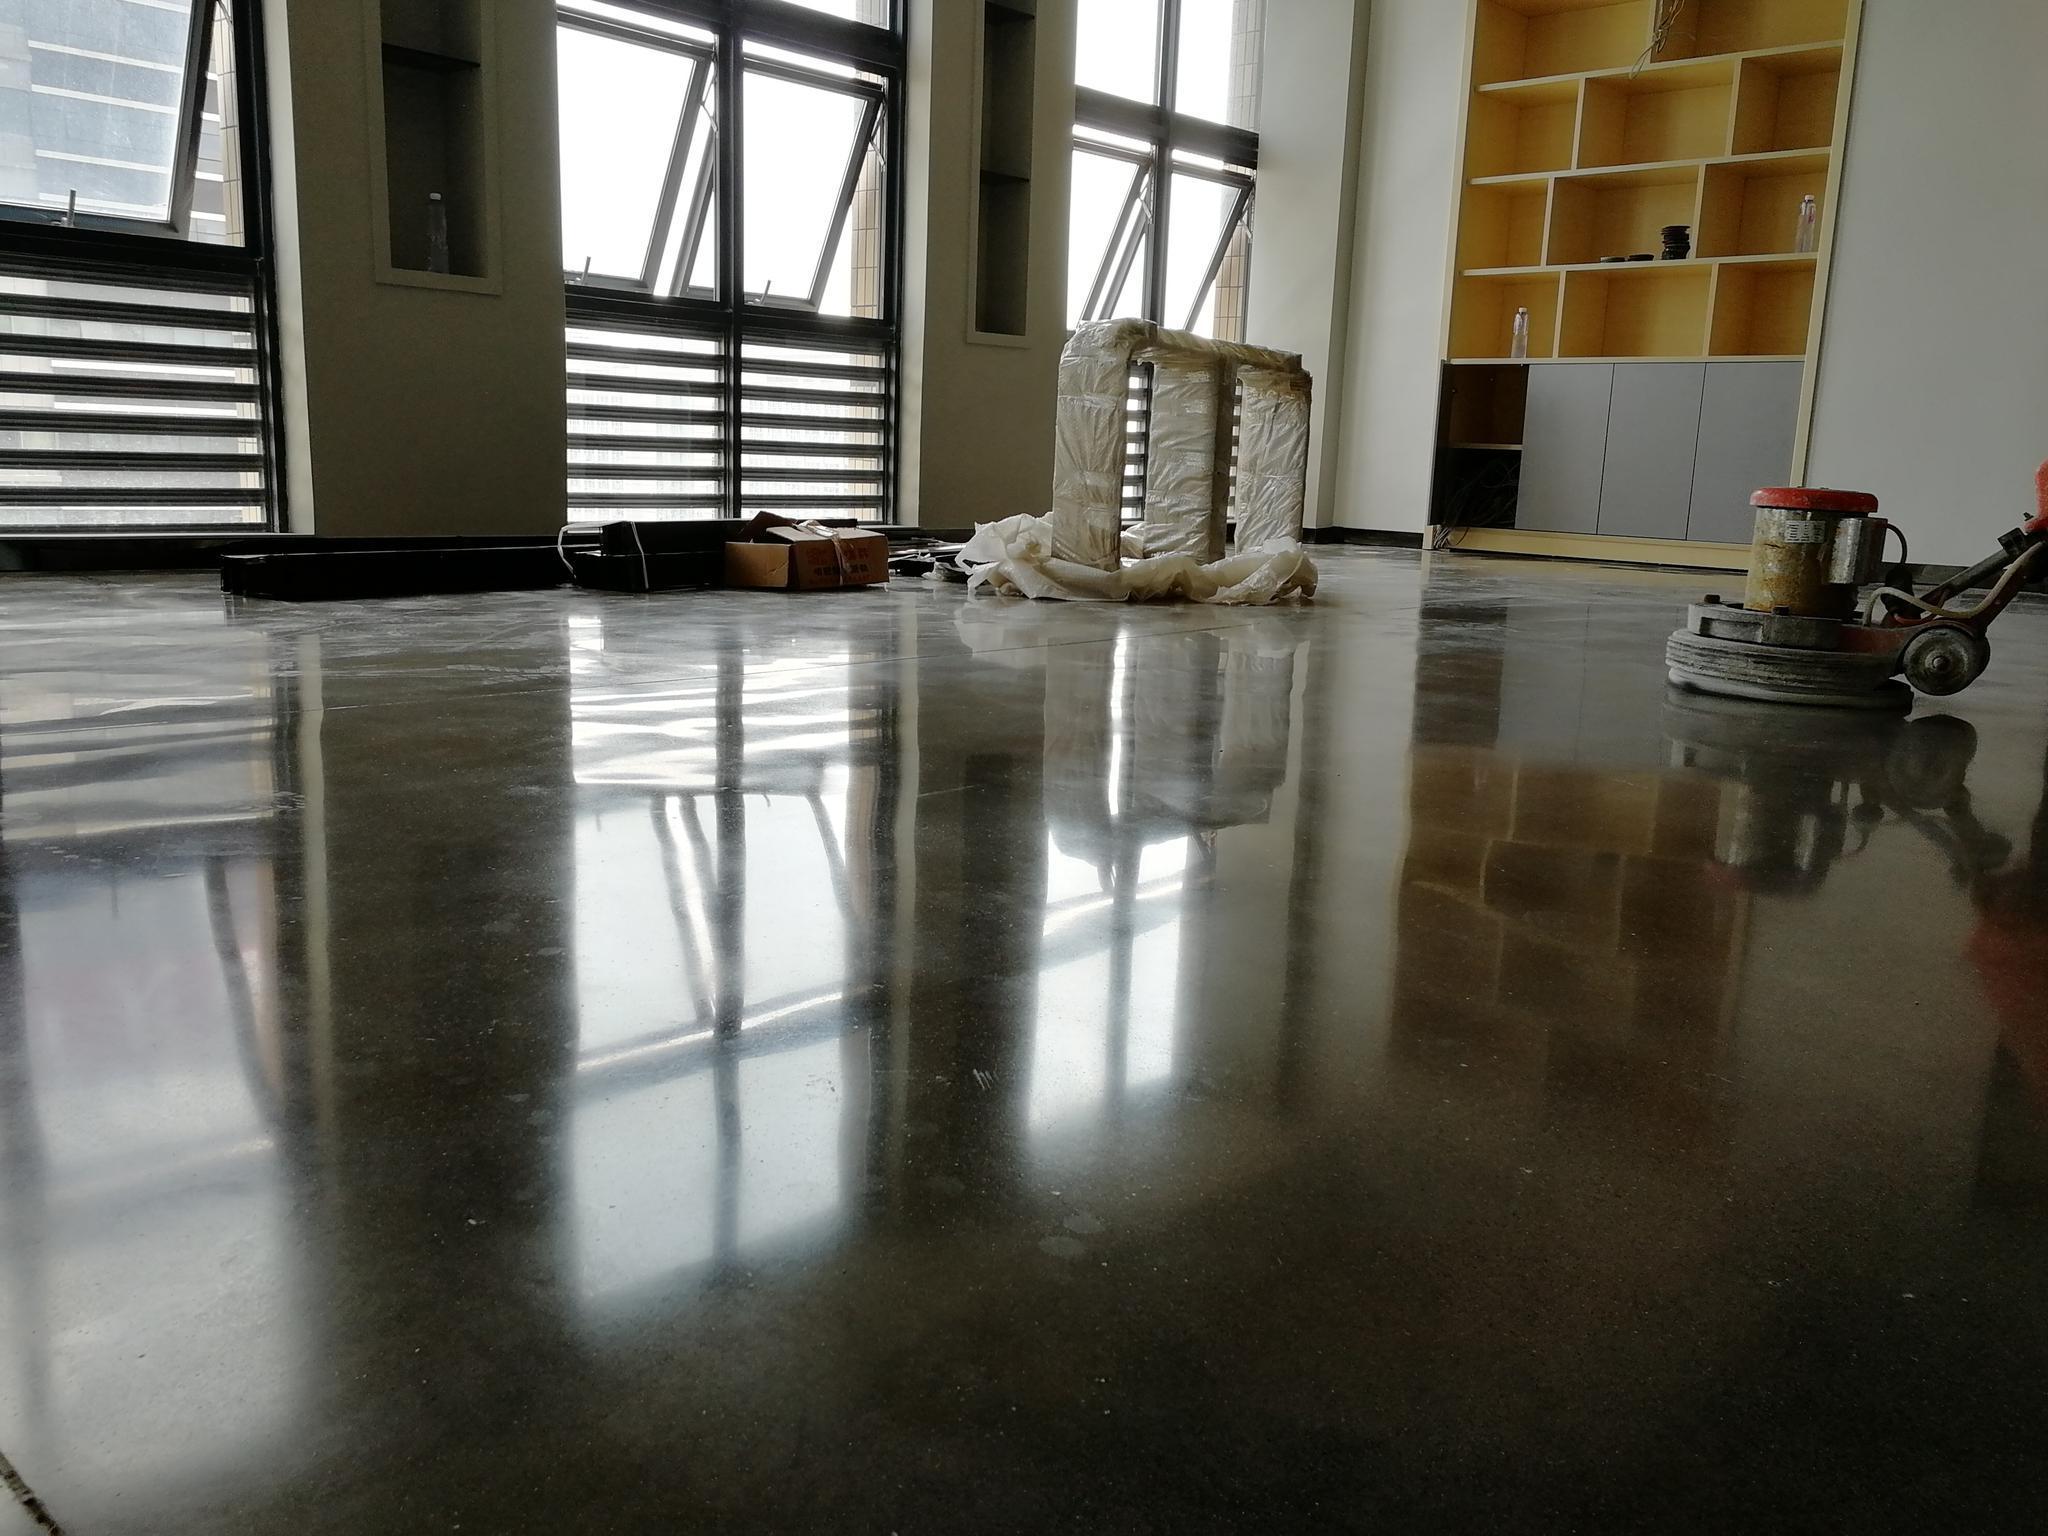 混凝土地面研磨过程中出现的划痕是怎么来的?